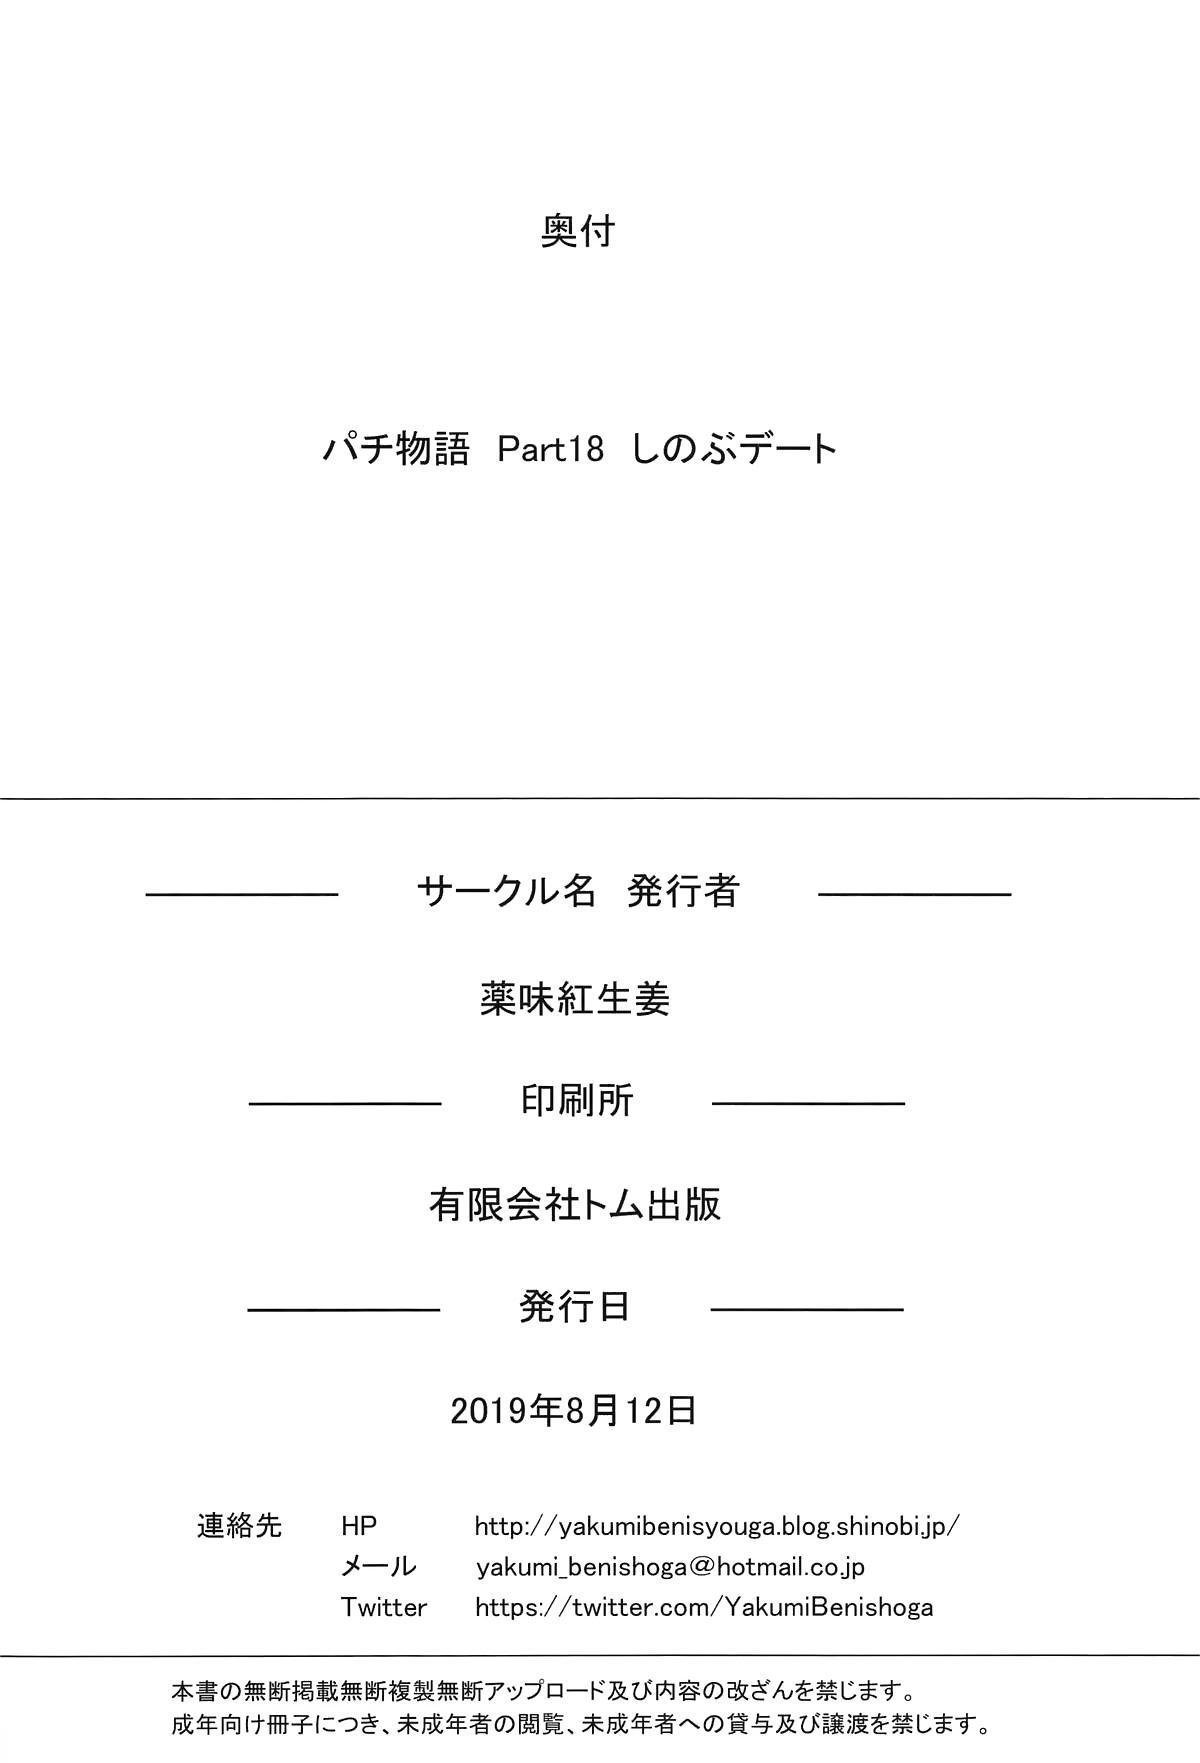 Pachimonogatari Part 18: Shinobu Date 25